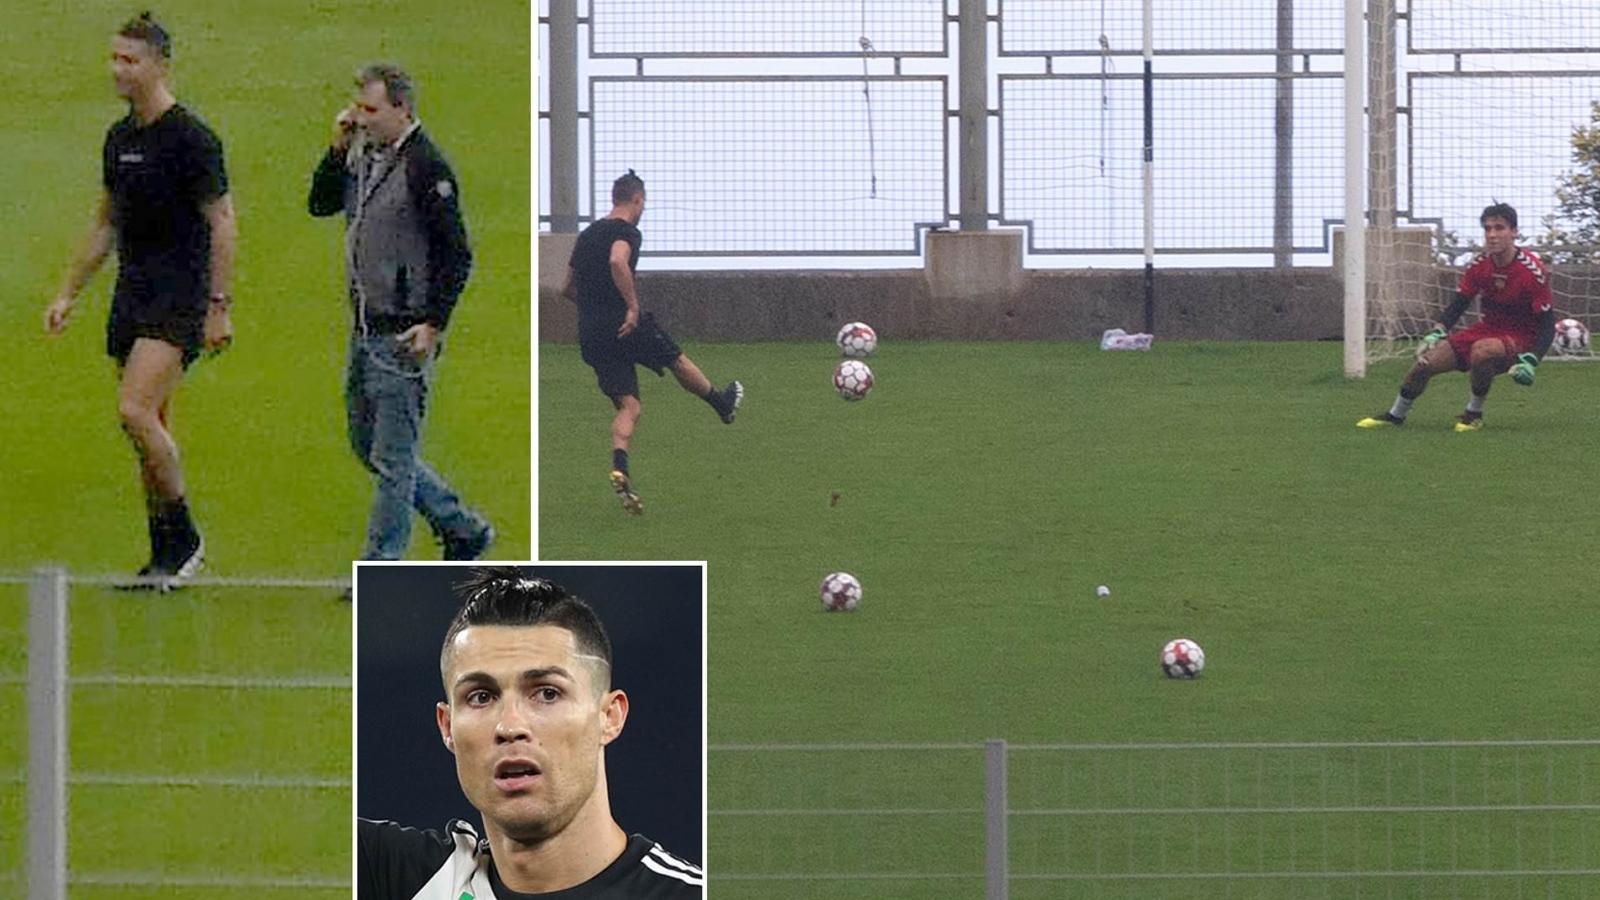 Thủ môn 18 tuổi kể chuyện đi tập với Cristiano Ronaldo trong mùa dịch